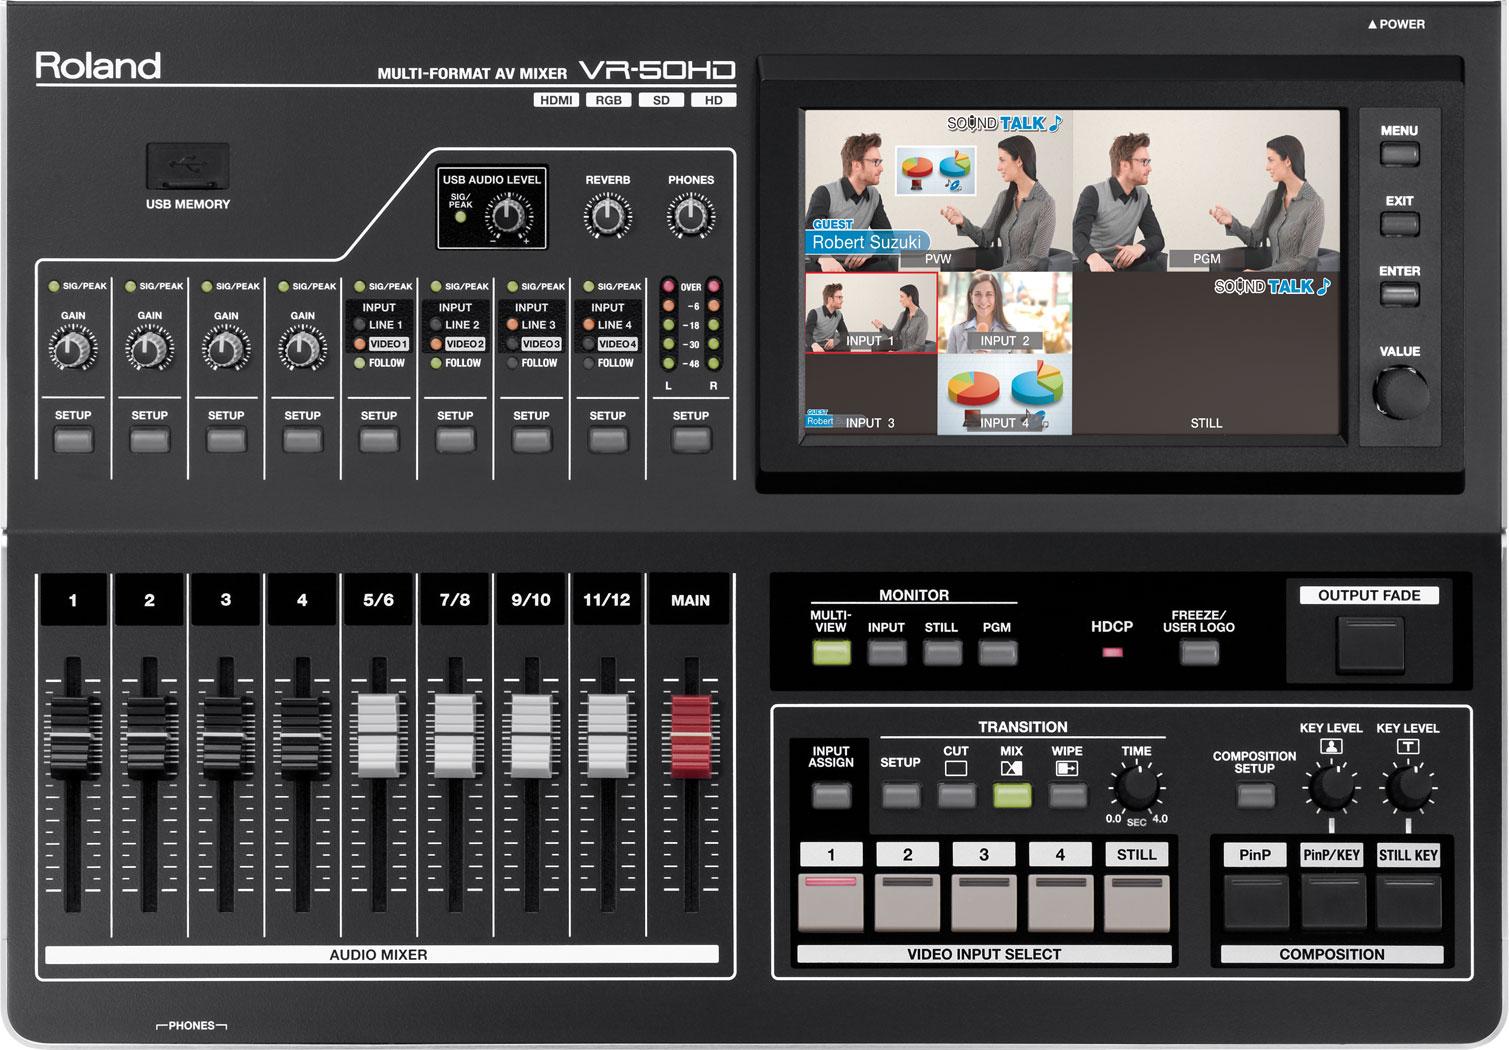 VR-50HD | Multi-Format AV Mixer - Roland Pro A/V